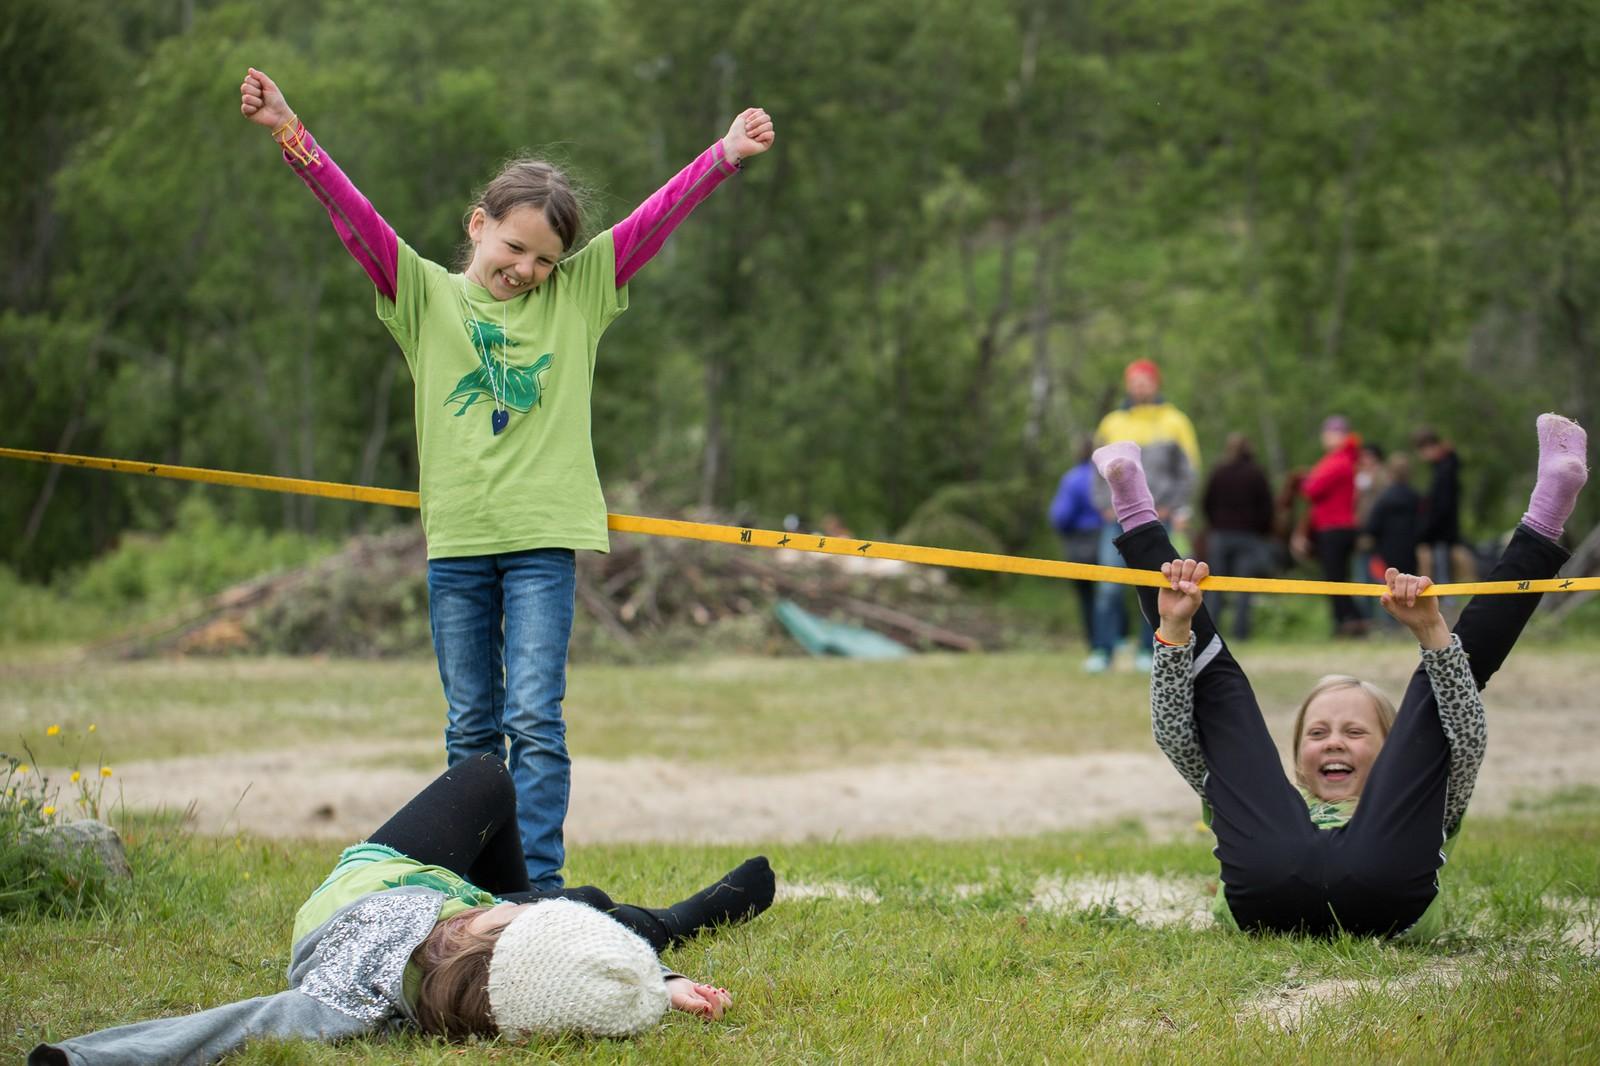 Det er mange aktiviteter å delta på for barna som er med på festivalen, blant annet å gå på line.